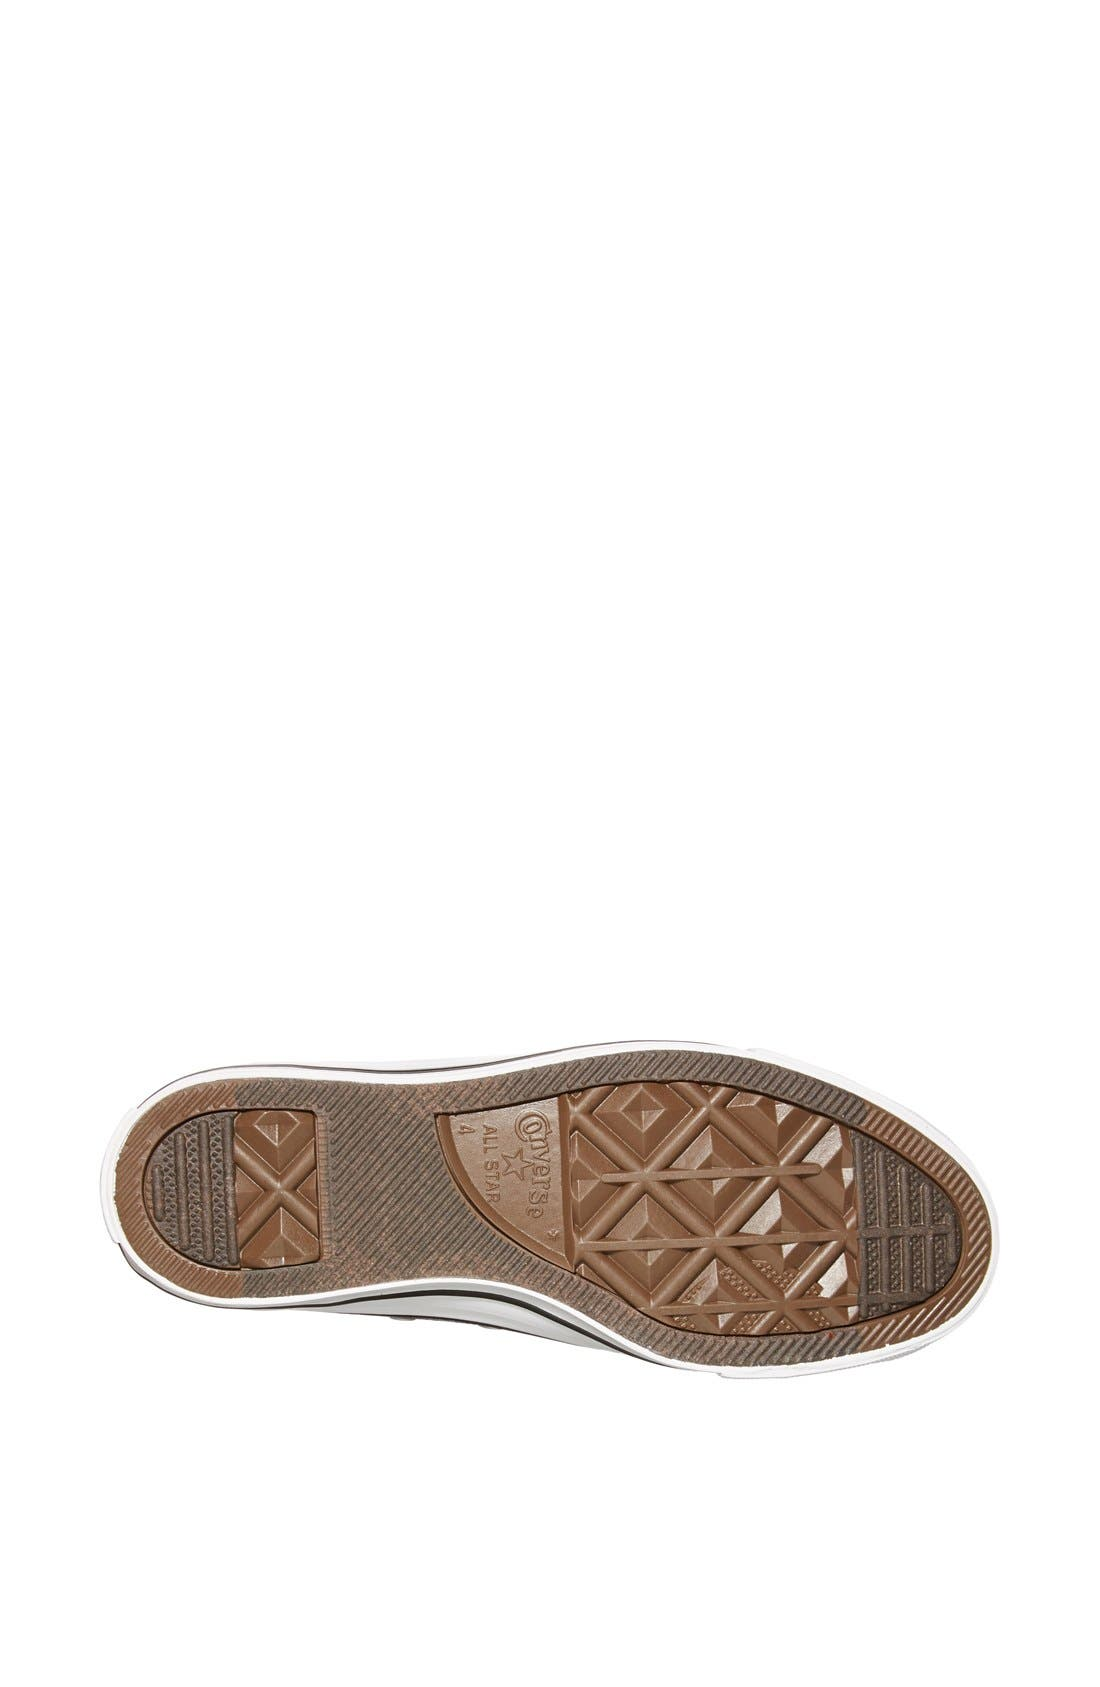 Alternate Image 4  - Converse Chuck Taylor® All Star® 'Ox' Tie Dye Low Top Sneaker (Women)